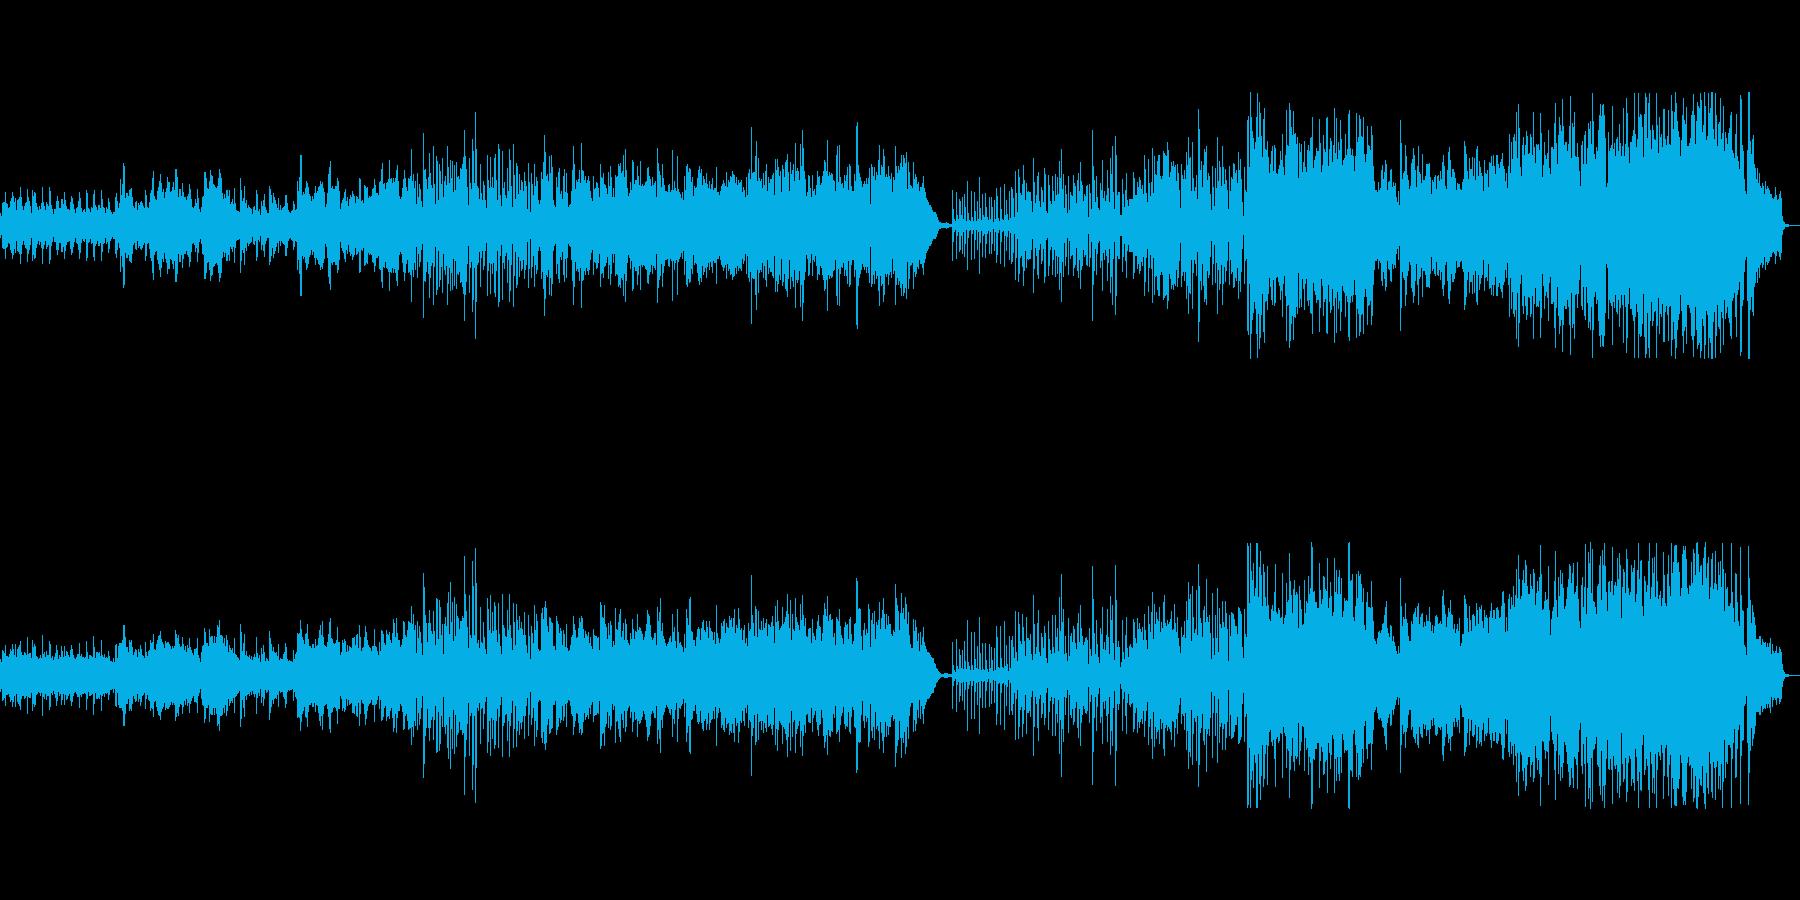 オリエンタルなポップインストの再生済みの波形